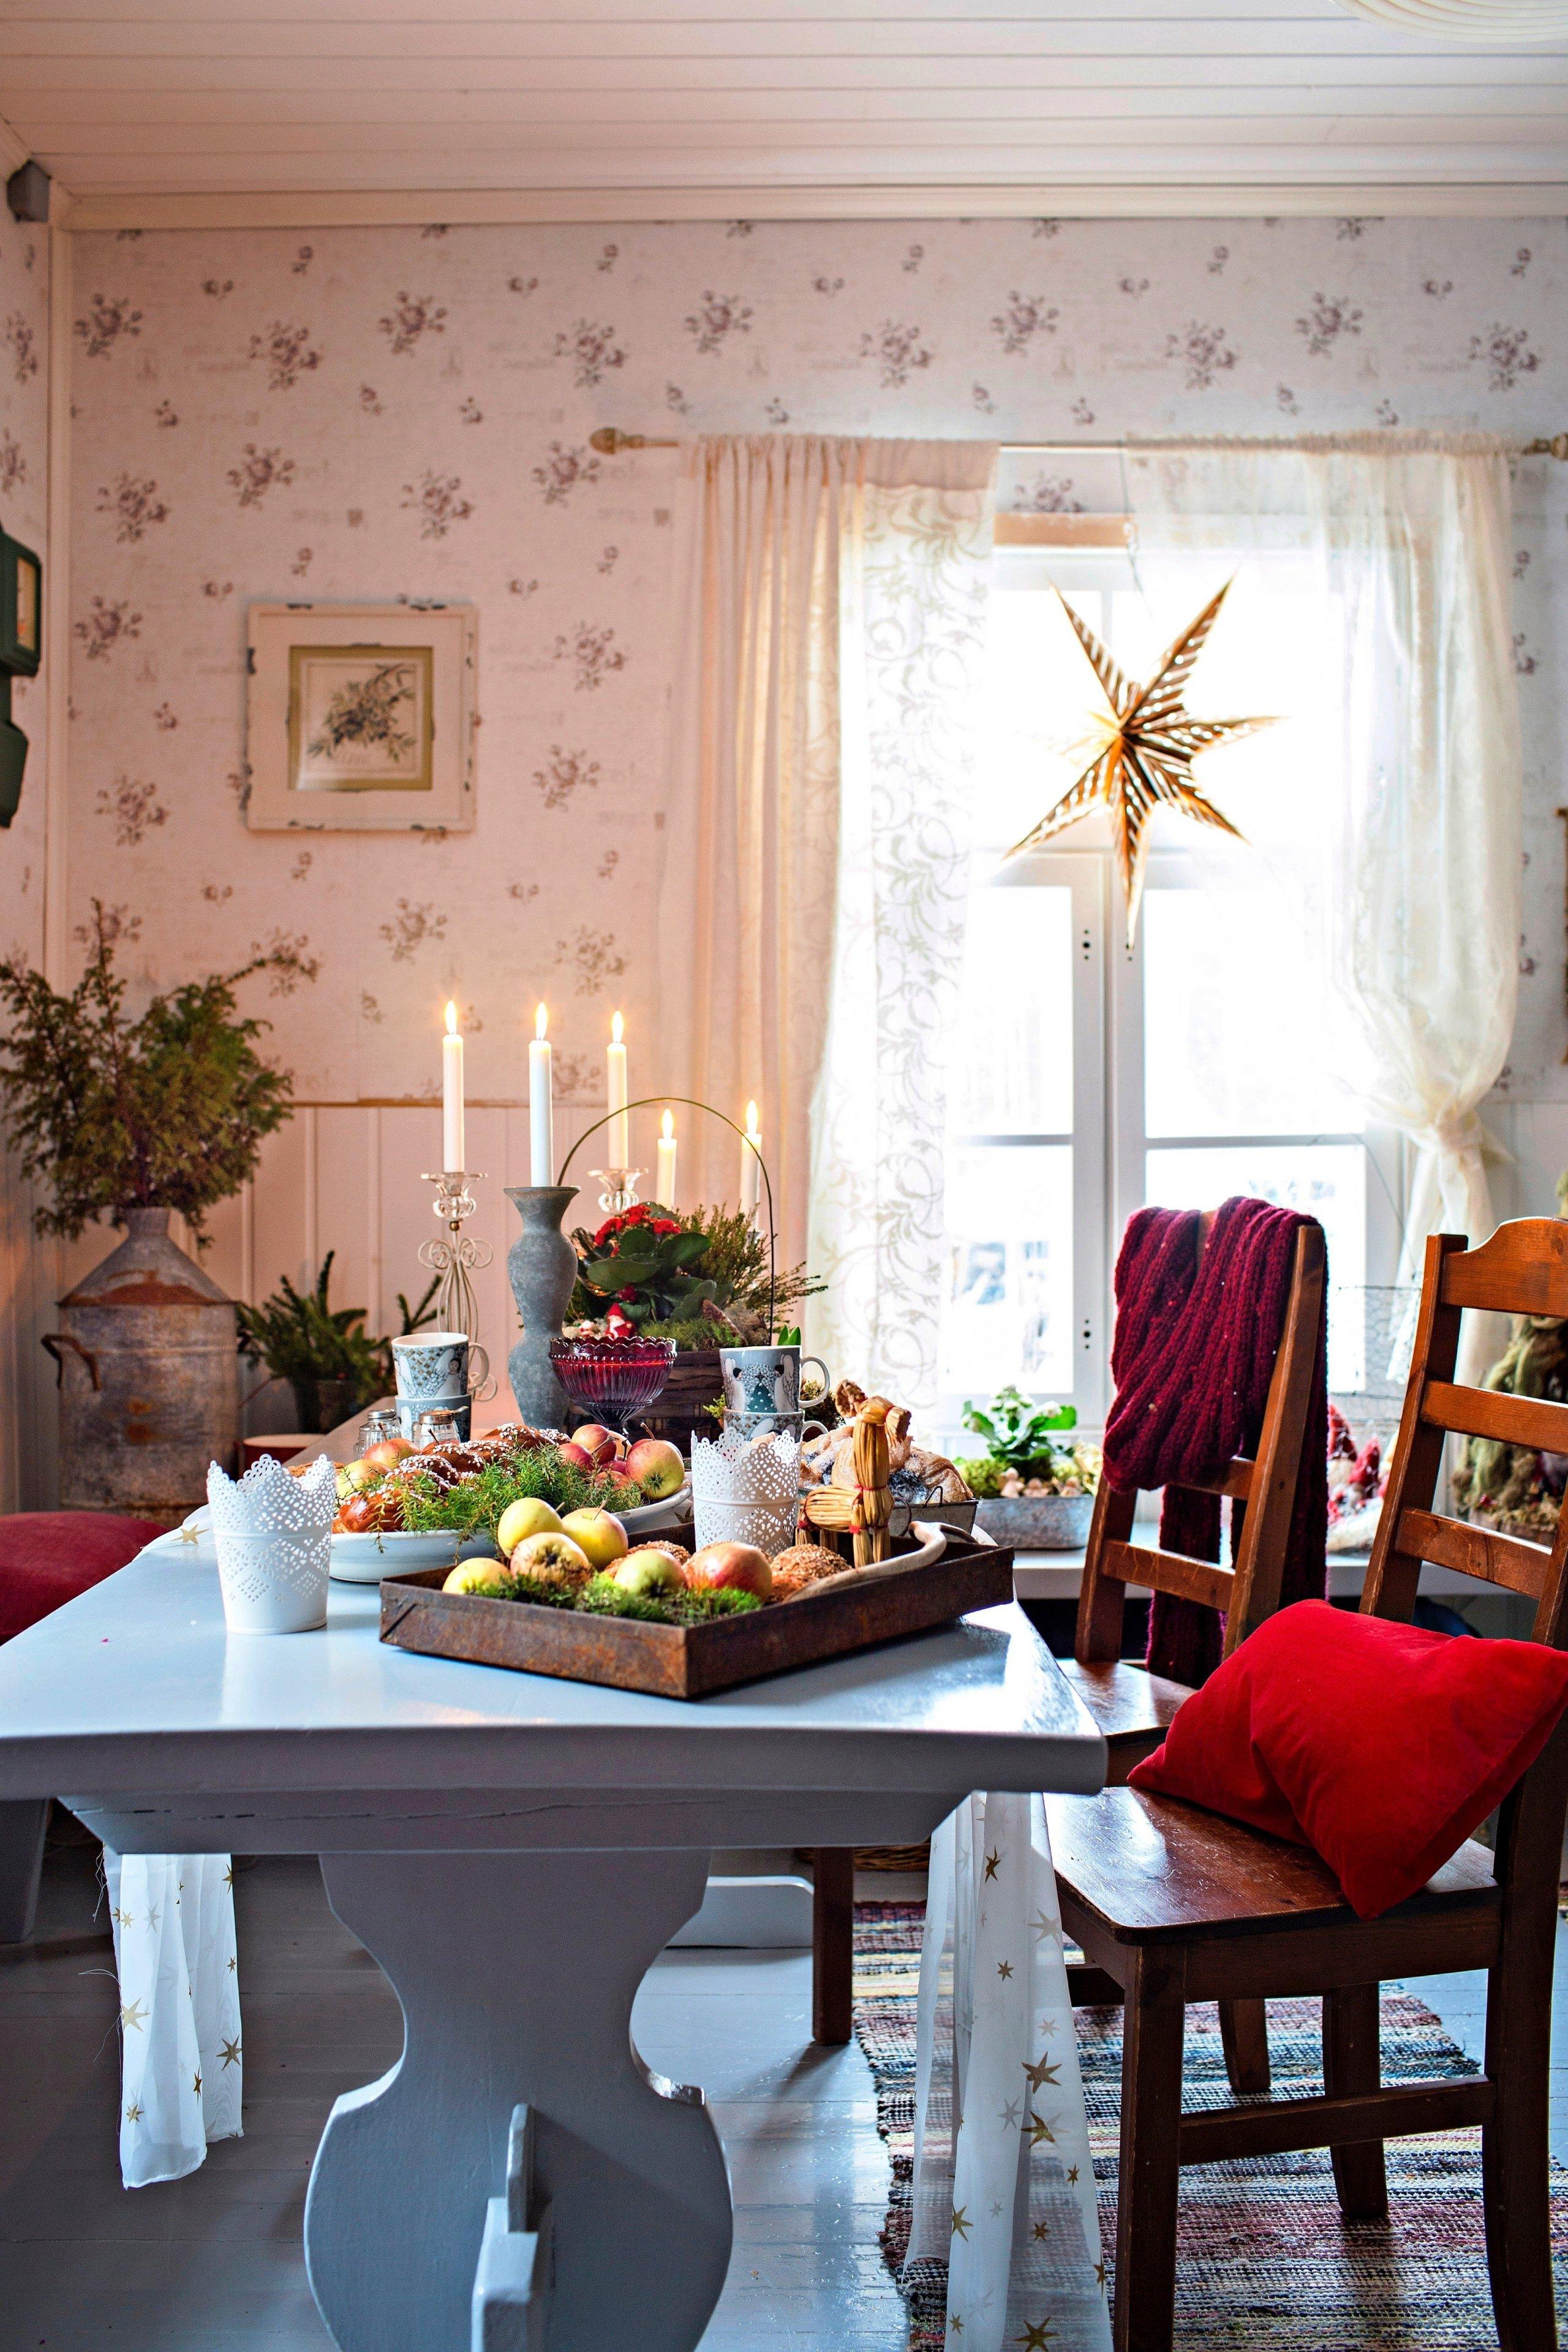 Pro Finsko jsou sruby a dřevostavby stejně typické jako pro Čechy svíčková. Díky množství jehličnatých lesů jsou srubové domy v severských zemích velmi časté a staví se tam už od nepaměti. Mají své kouzlo a neopakovatelnou atmosféru. Pojďme se na jeden takový srub podívat.